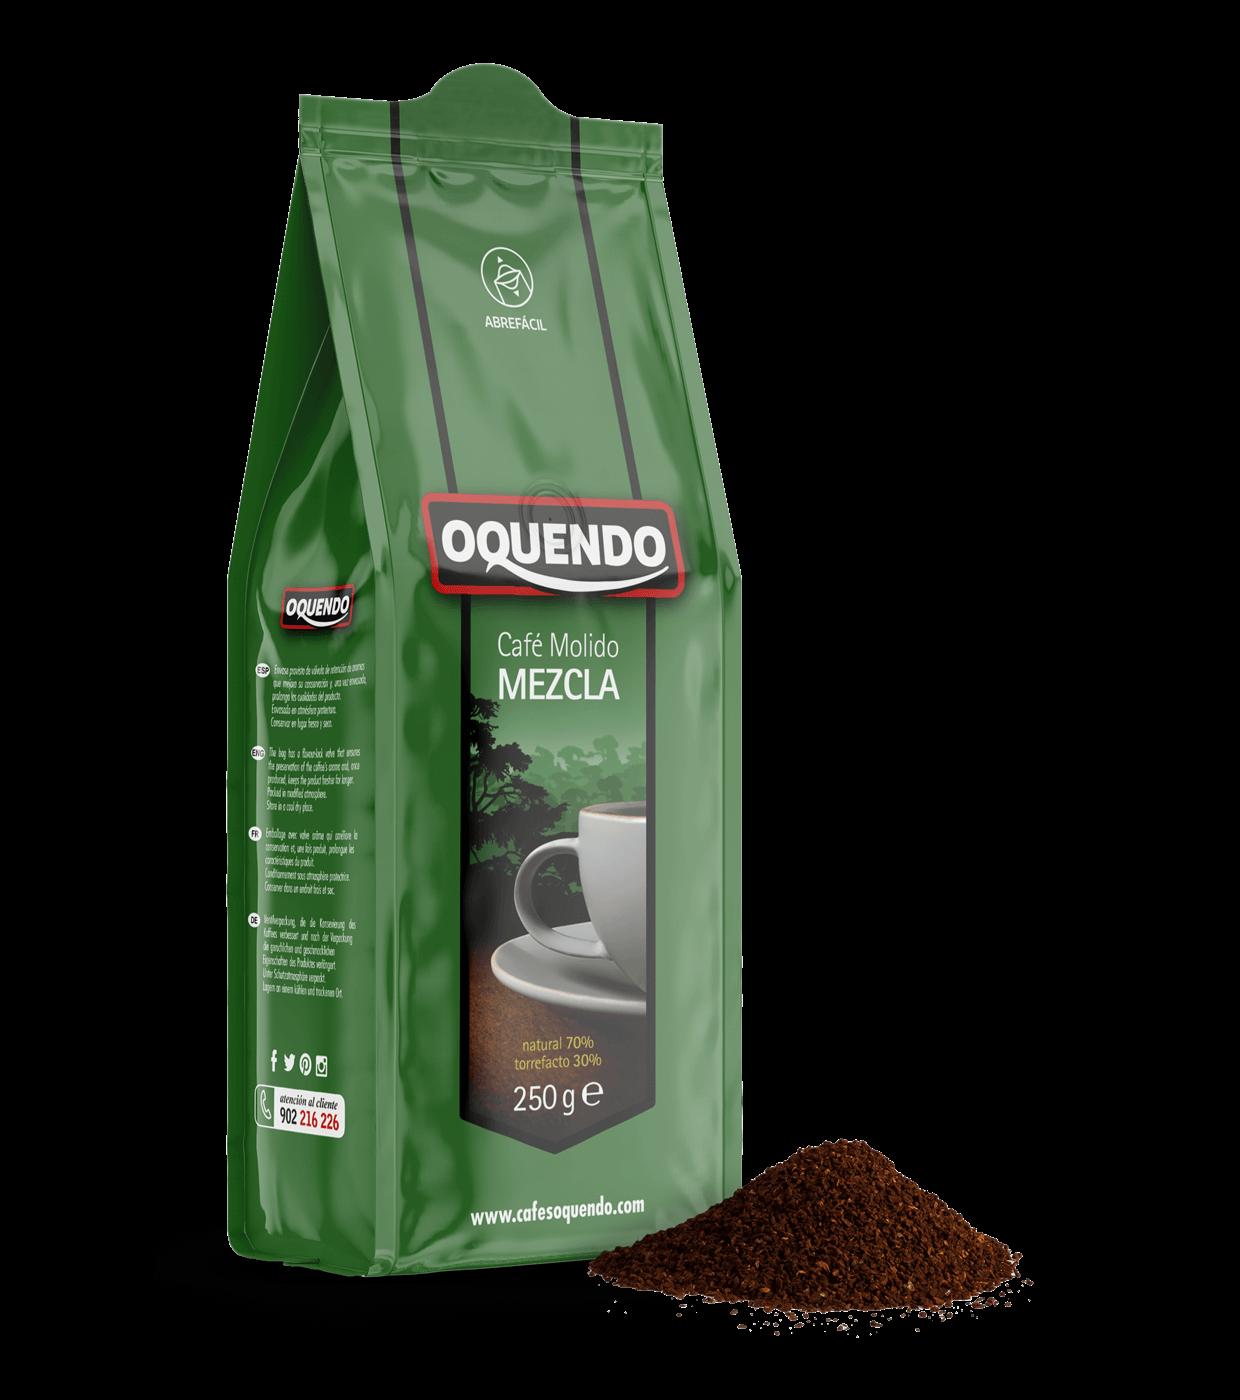 oquendo-63-molido-mezcla-250